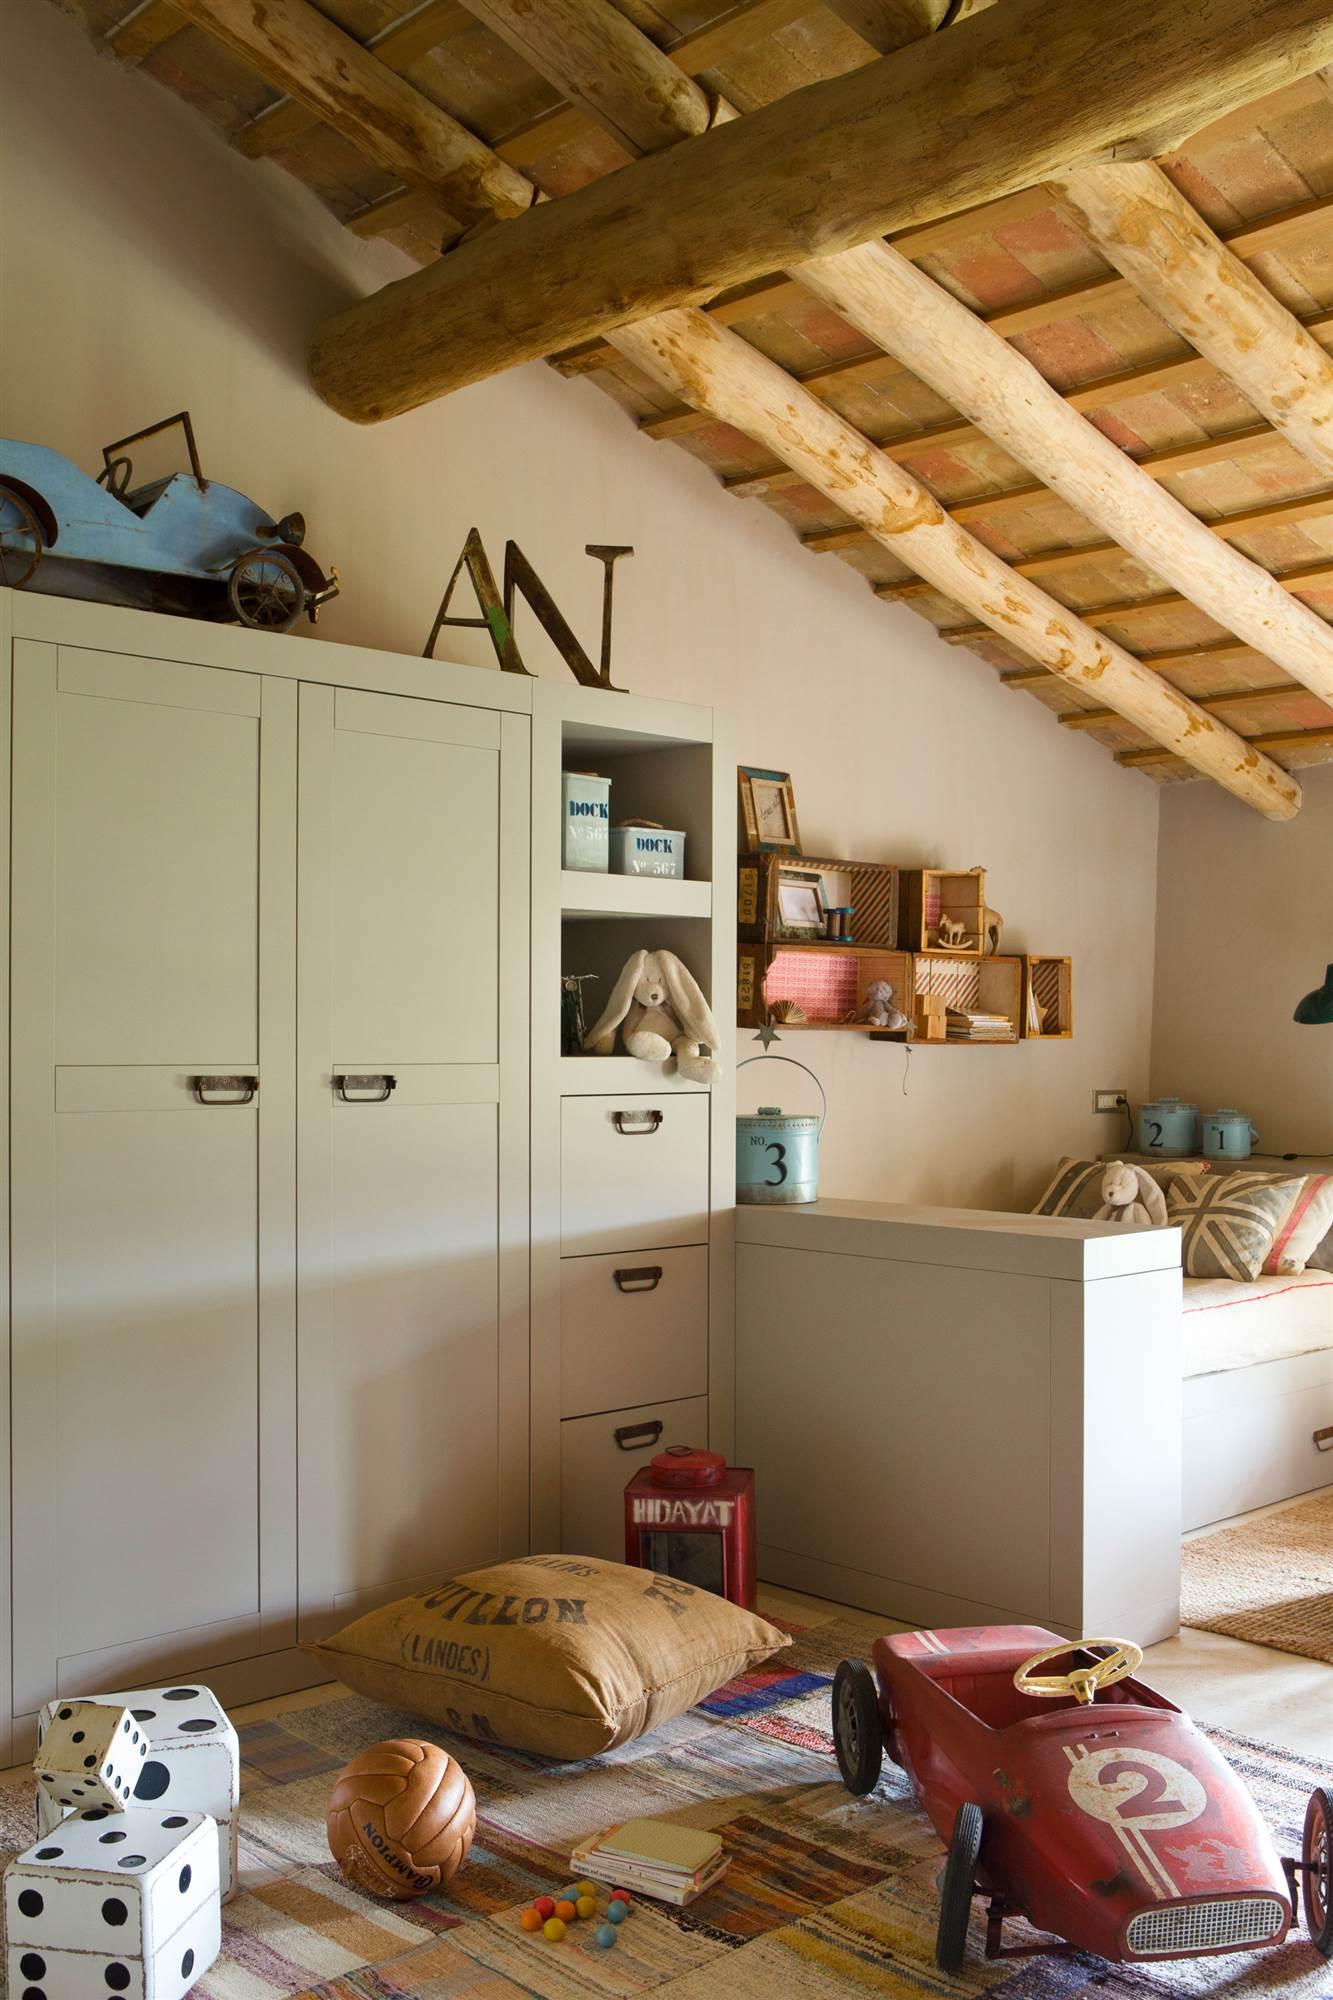 Los mejores dormitorios infantiles - Los mejores dormitorios ...